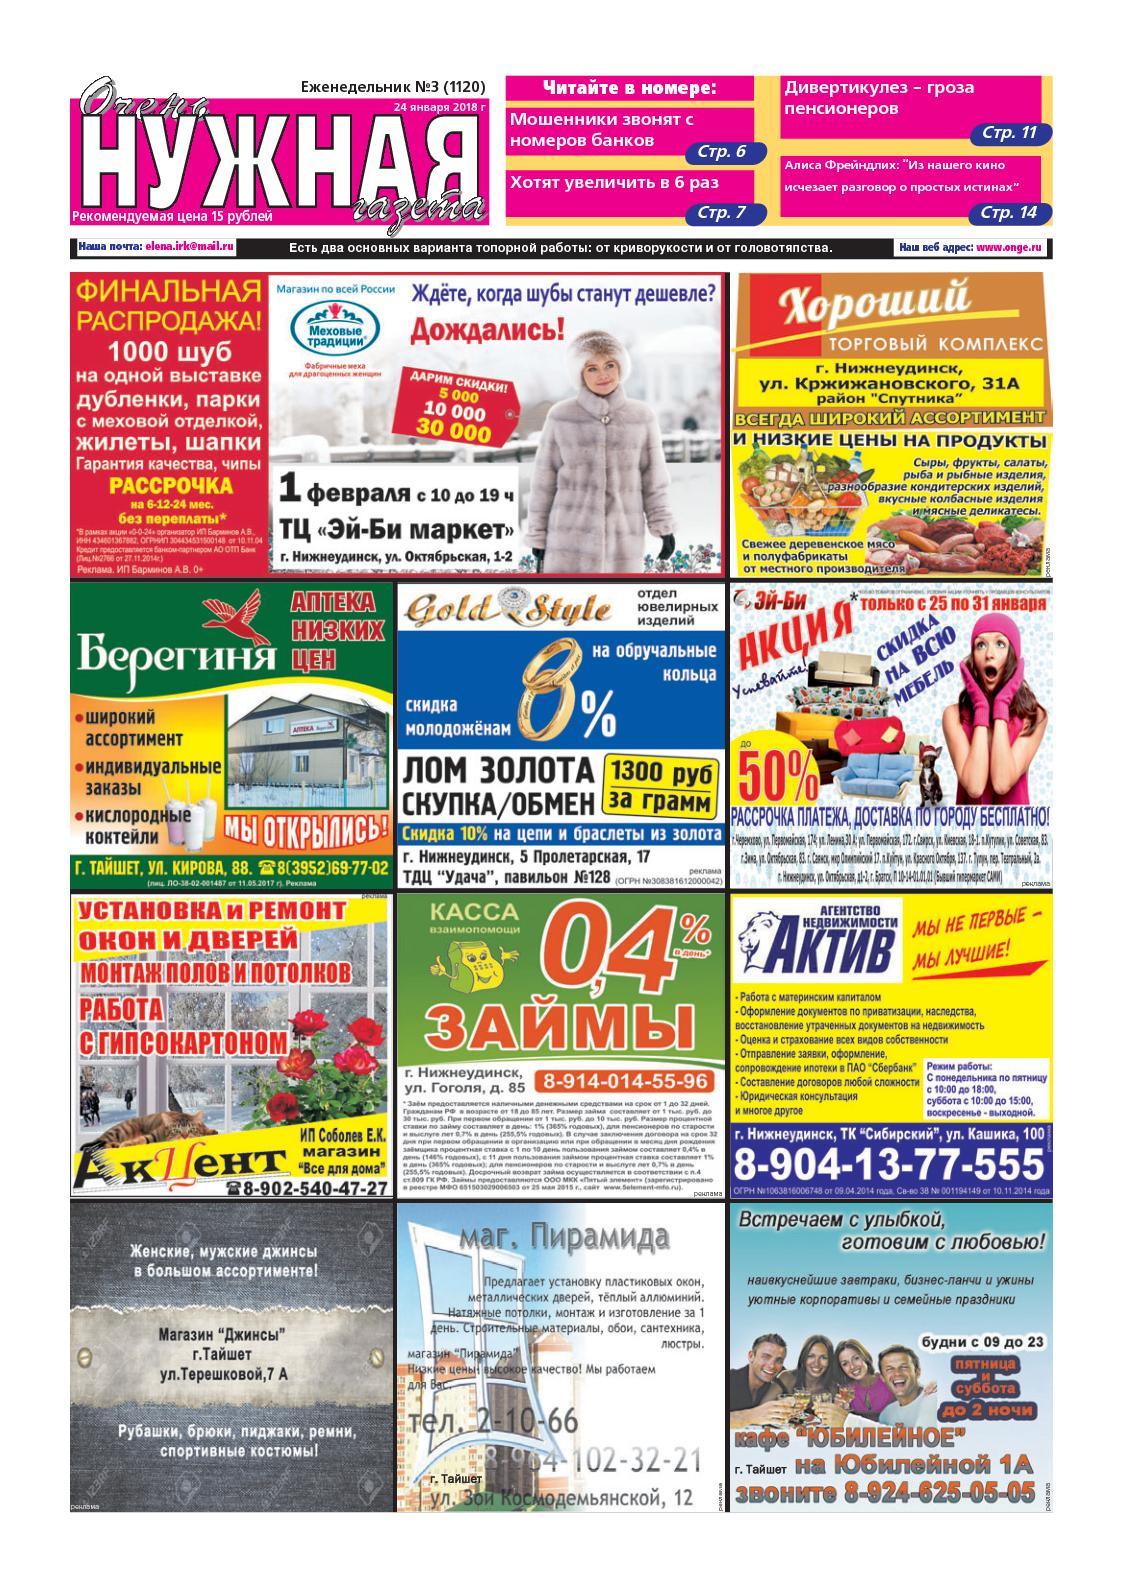 Юмористическая реклама канцтоваров рекламная поддержка 75000 август галантерея школьные сумки реклама товара секции